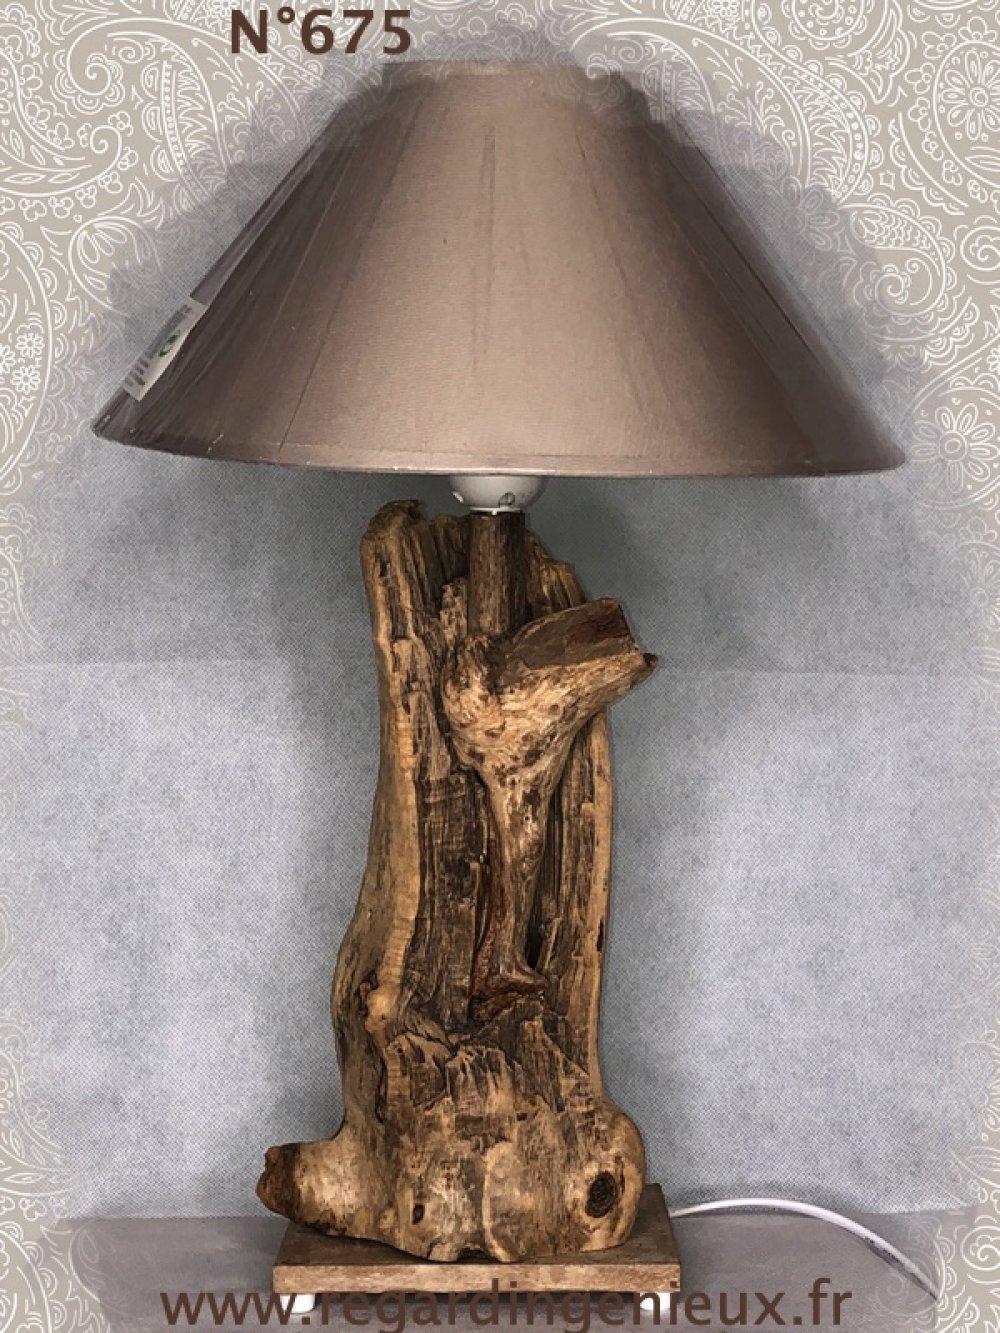 Lampe n°675 en bois flotte. Fabrication artisanale.